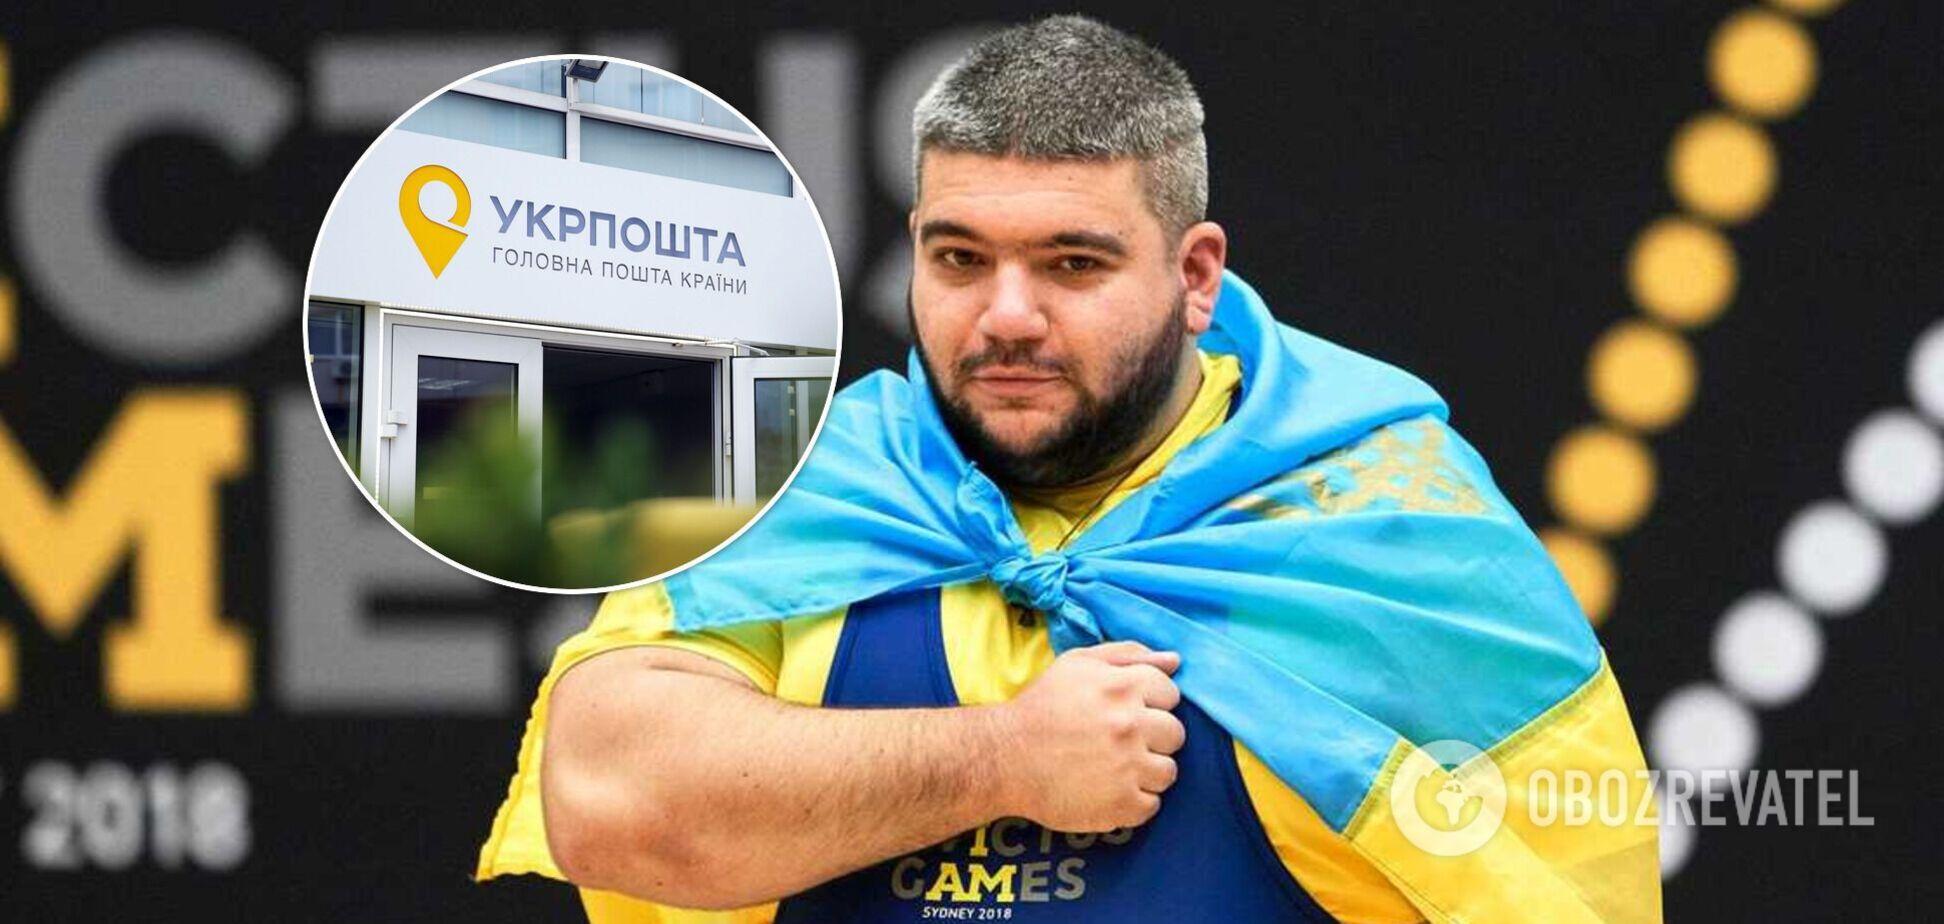 У Запоріжжі ветеран АТО поскаржився на звільнення через збори резервістів: в 'Укрпошті' відповіли